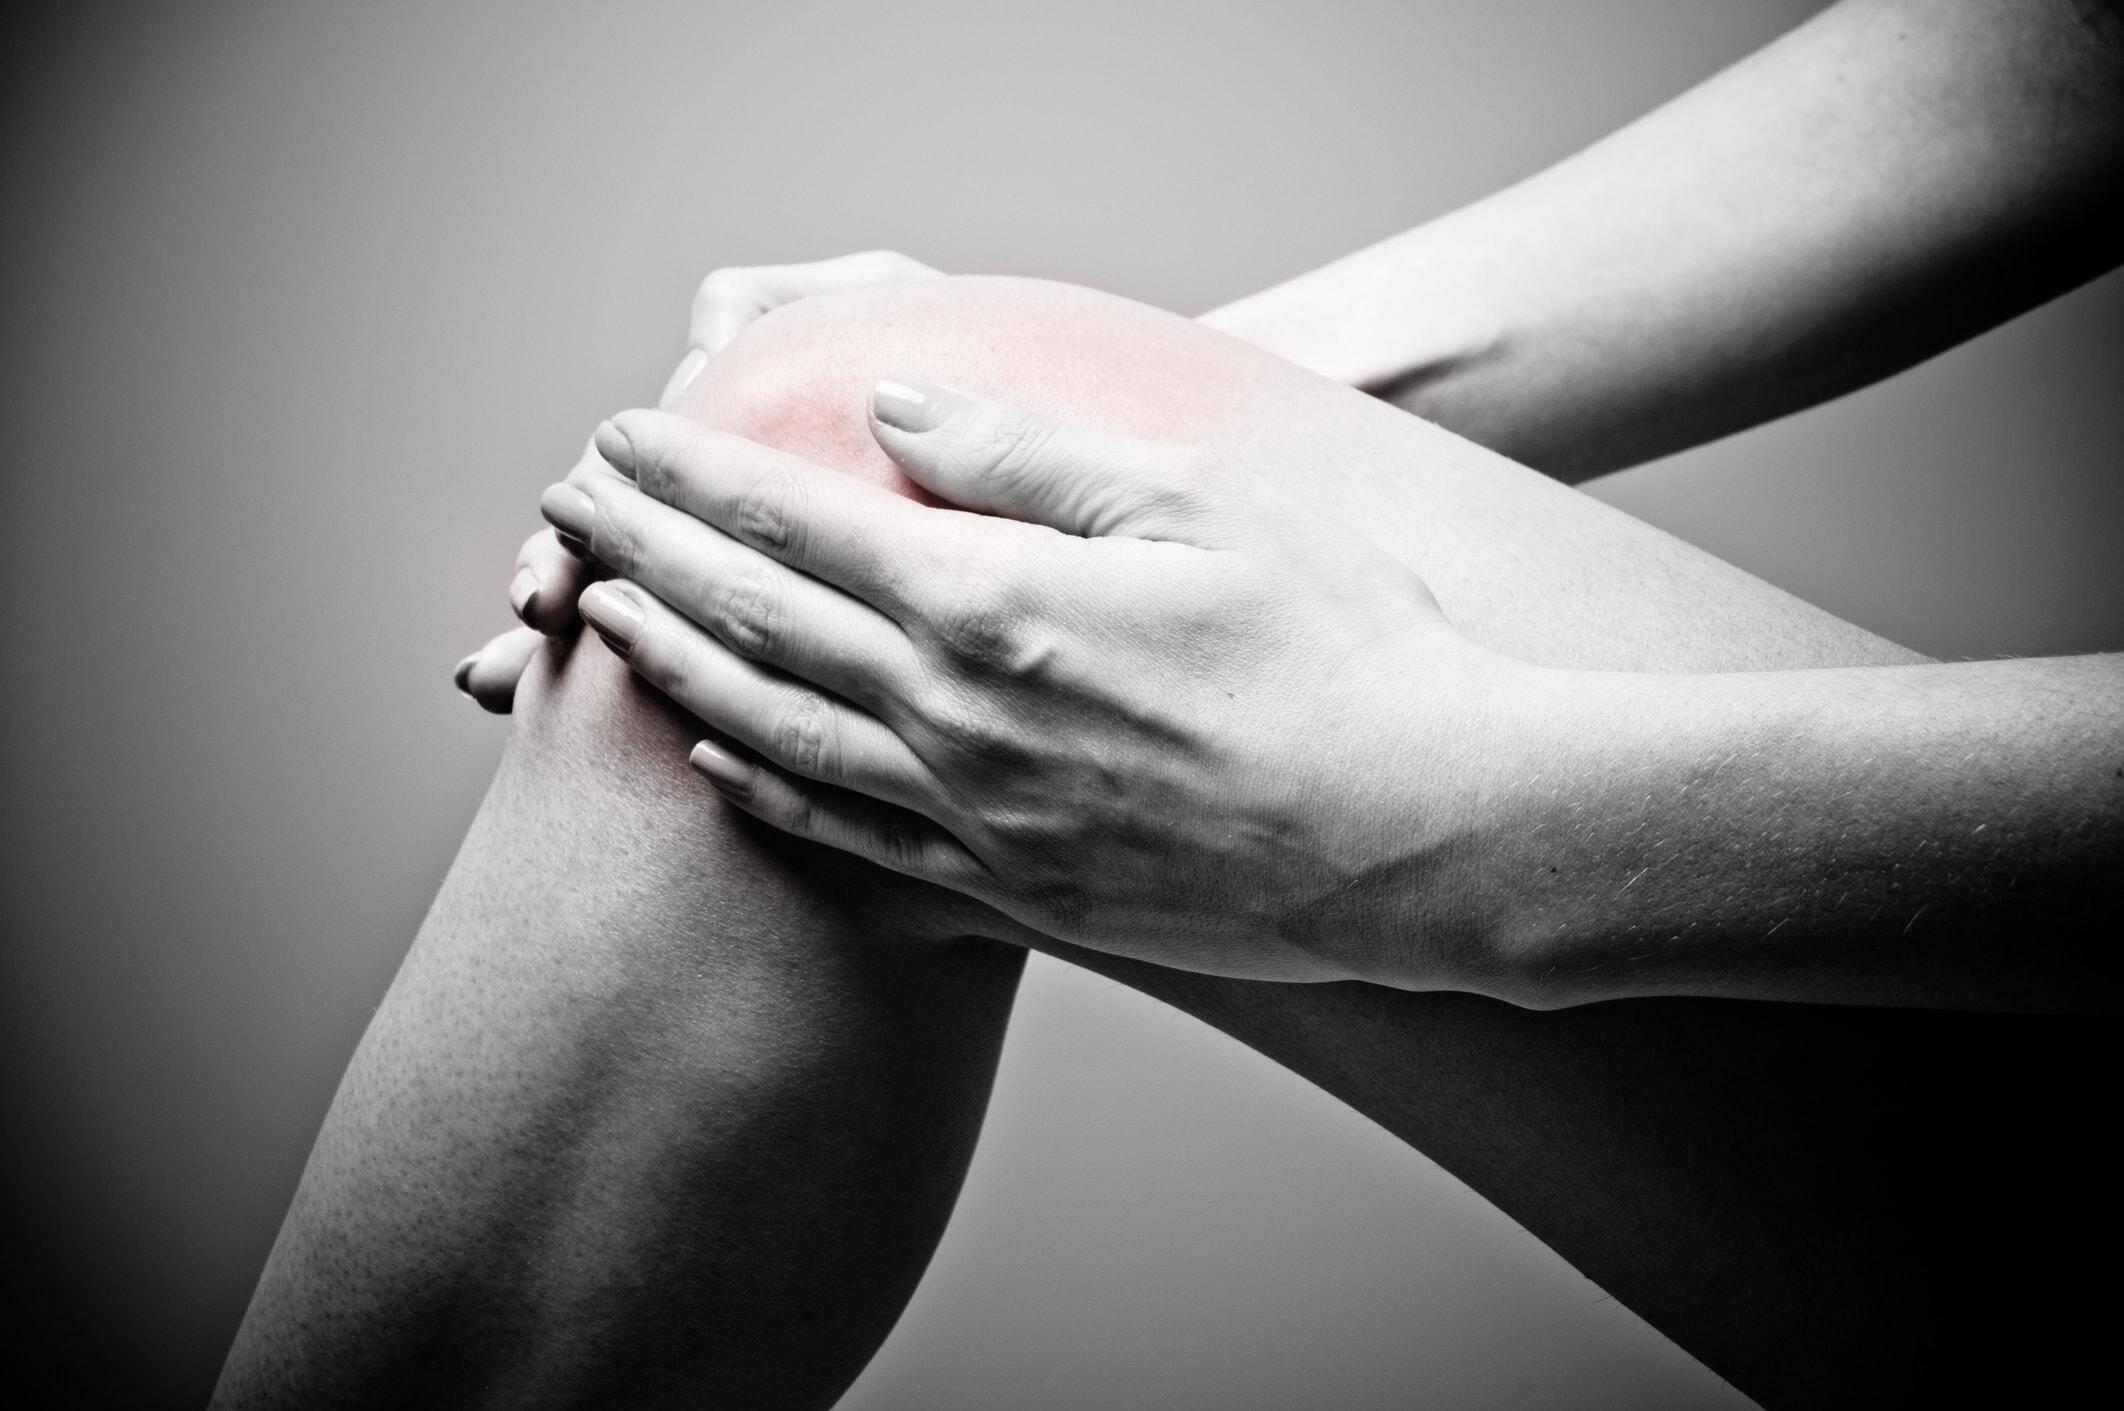 diz protezi ameliyatı sonuçları